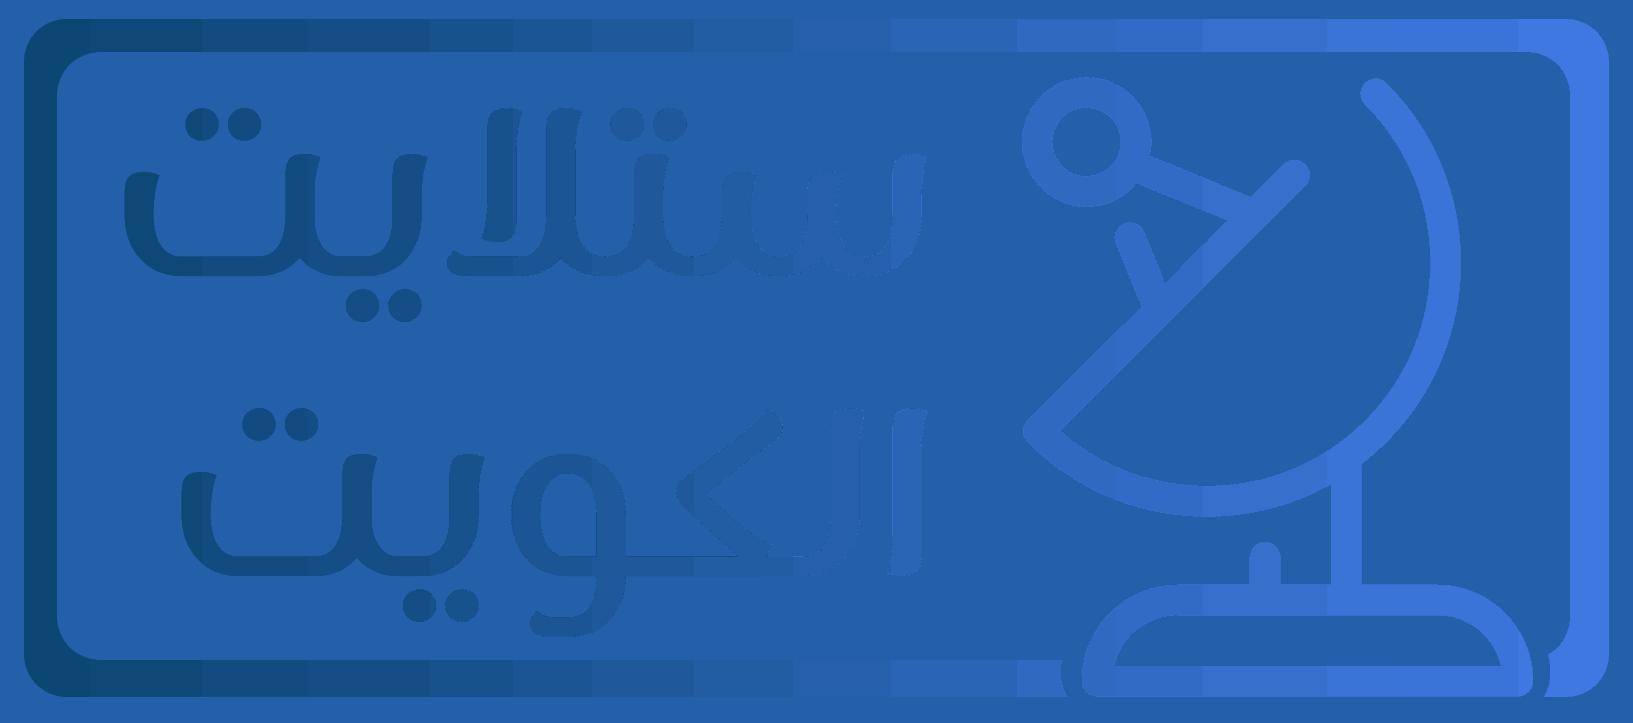 صورة تردد قنوات جديدة , ظبط الرسيفر بمجموعة قنوات جديدة 382